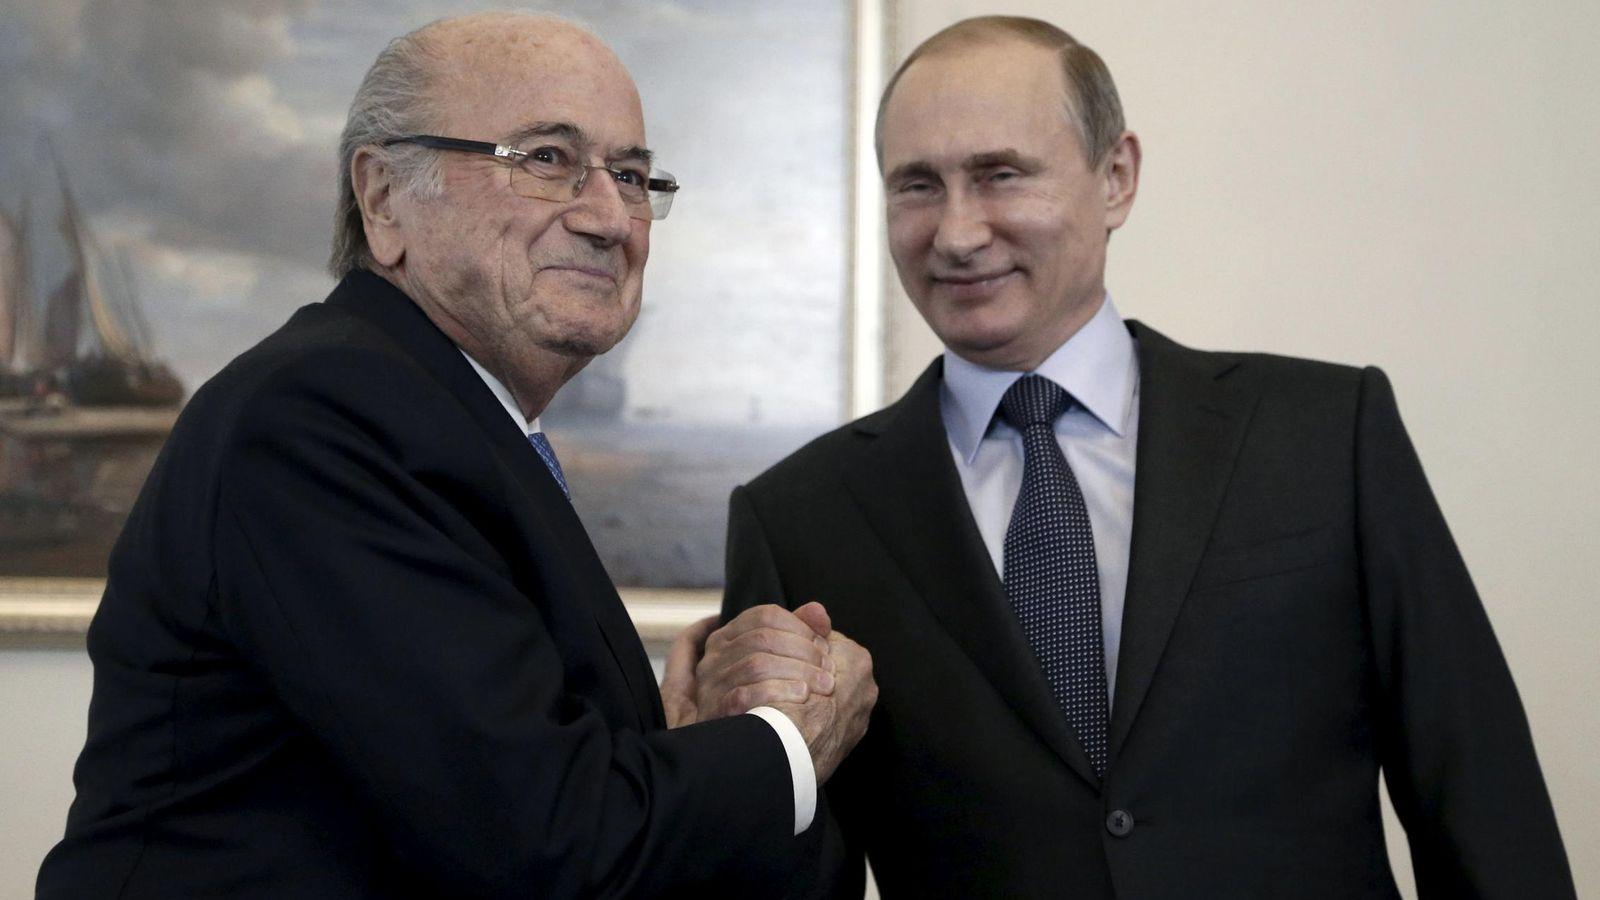 Foto: Blatter y Putin se saludan después de conceder el Mundial de 2018 a Rusia (Reuters).